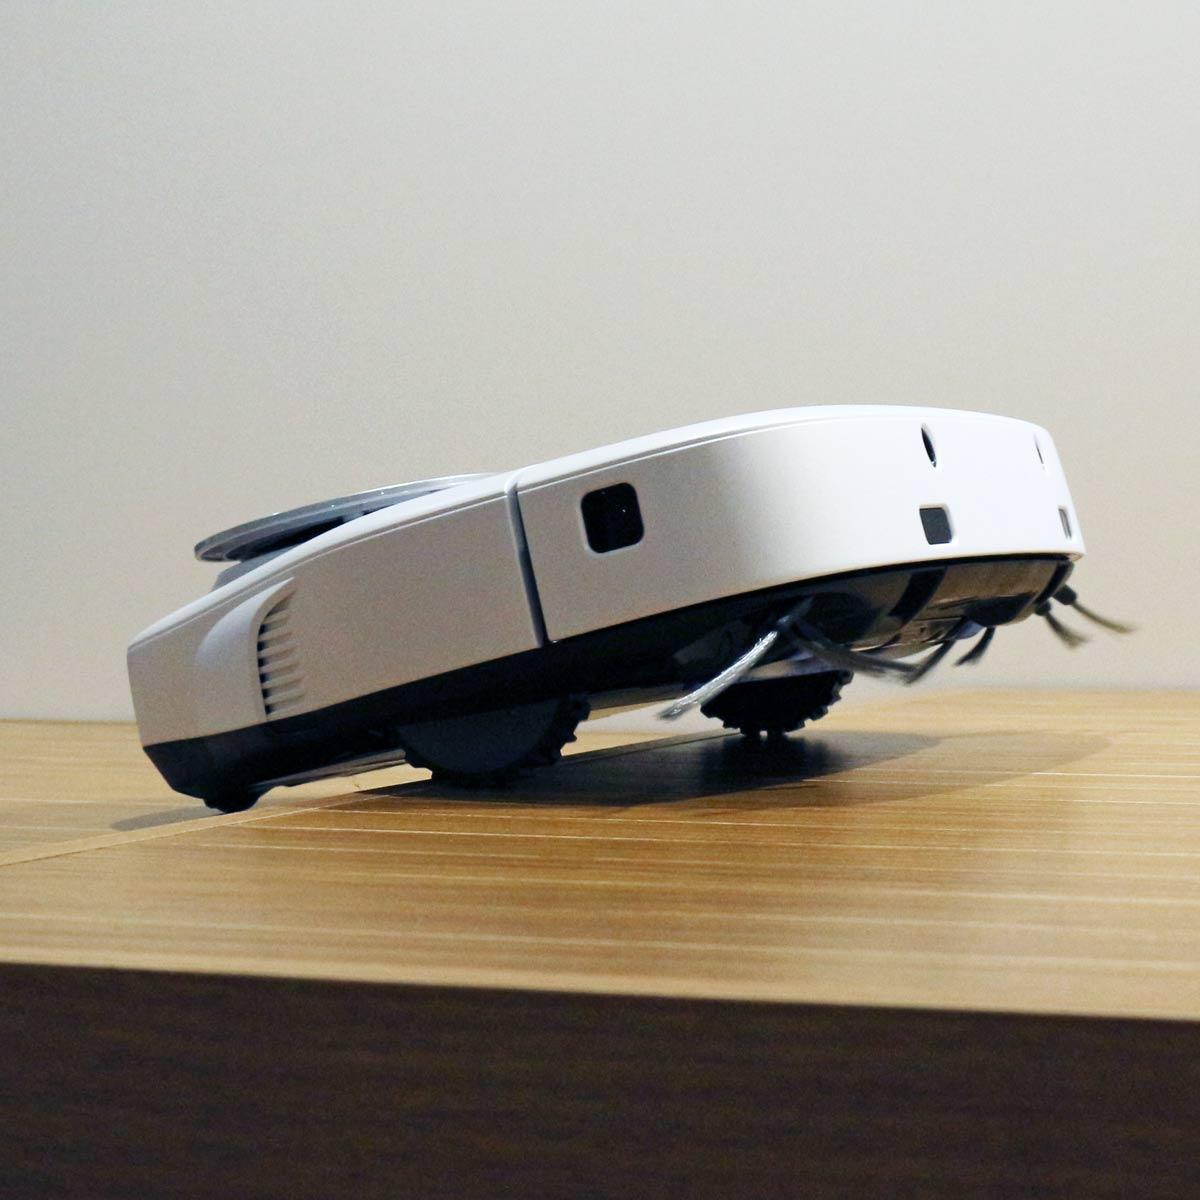 段差を乗り越えるロボット掃除機! パナソニックの新「RULO(ルーロ)」の進化がスゴい!!